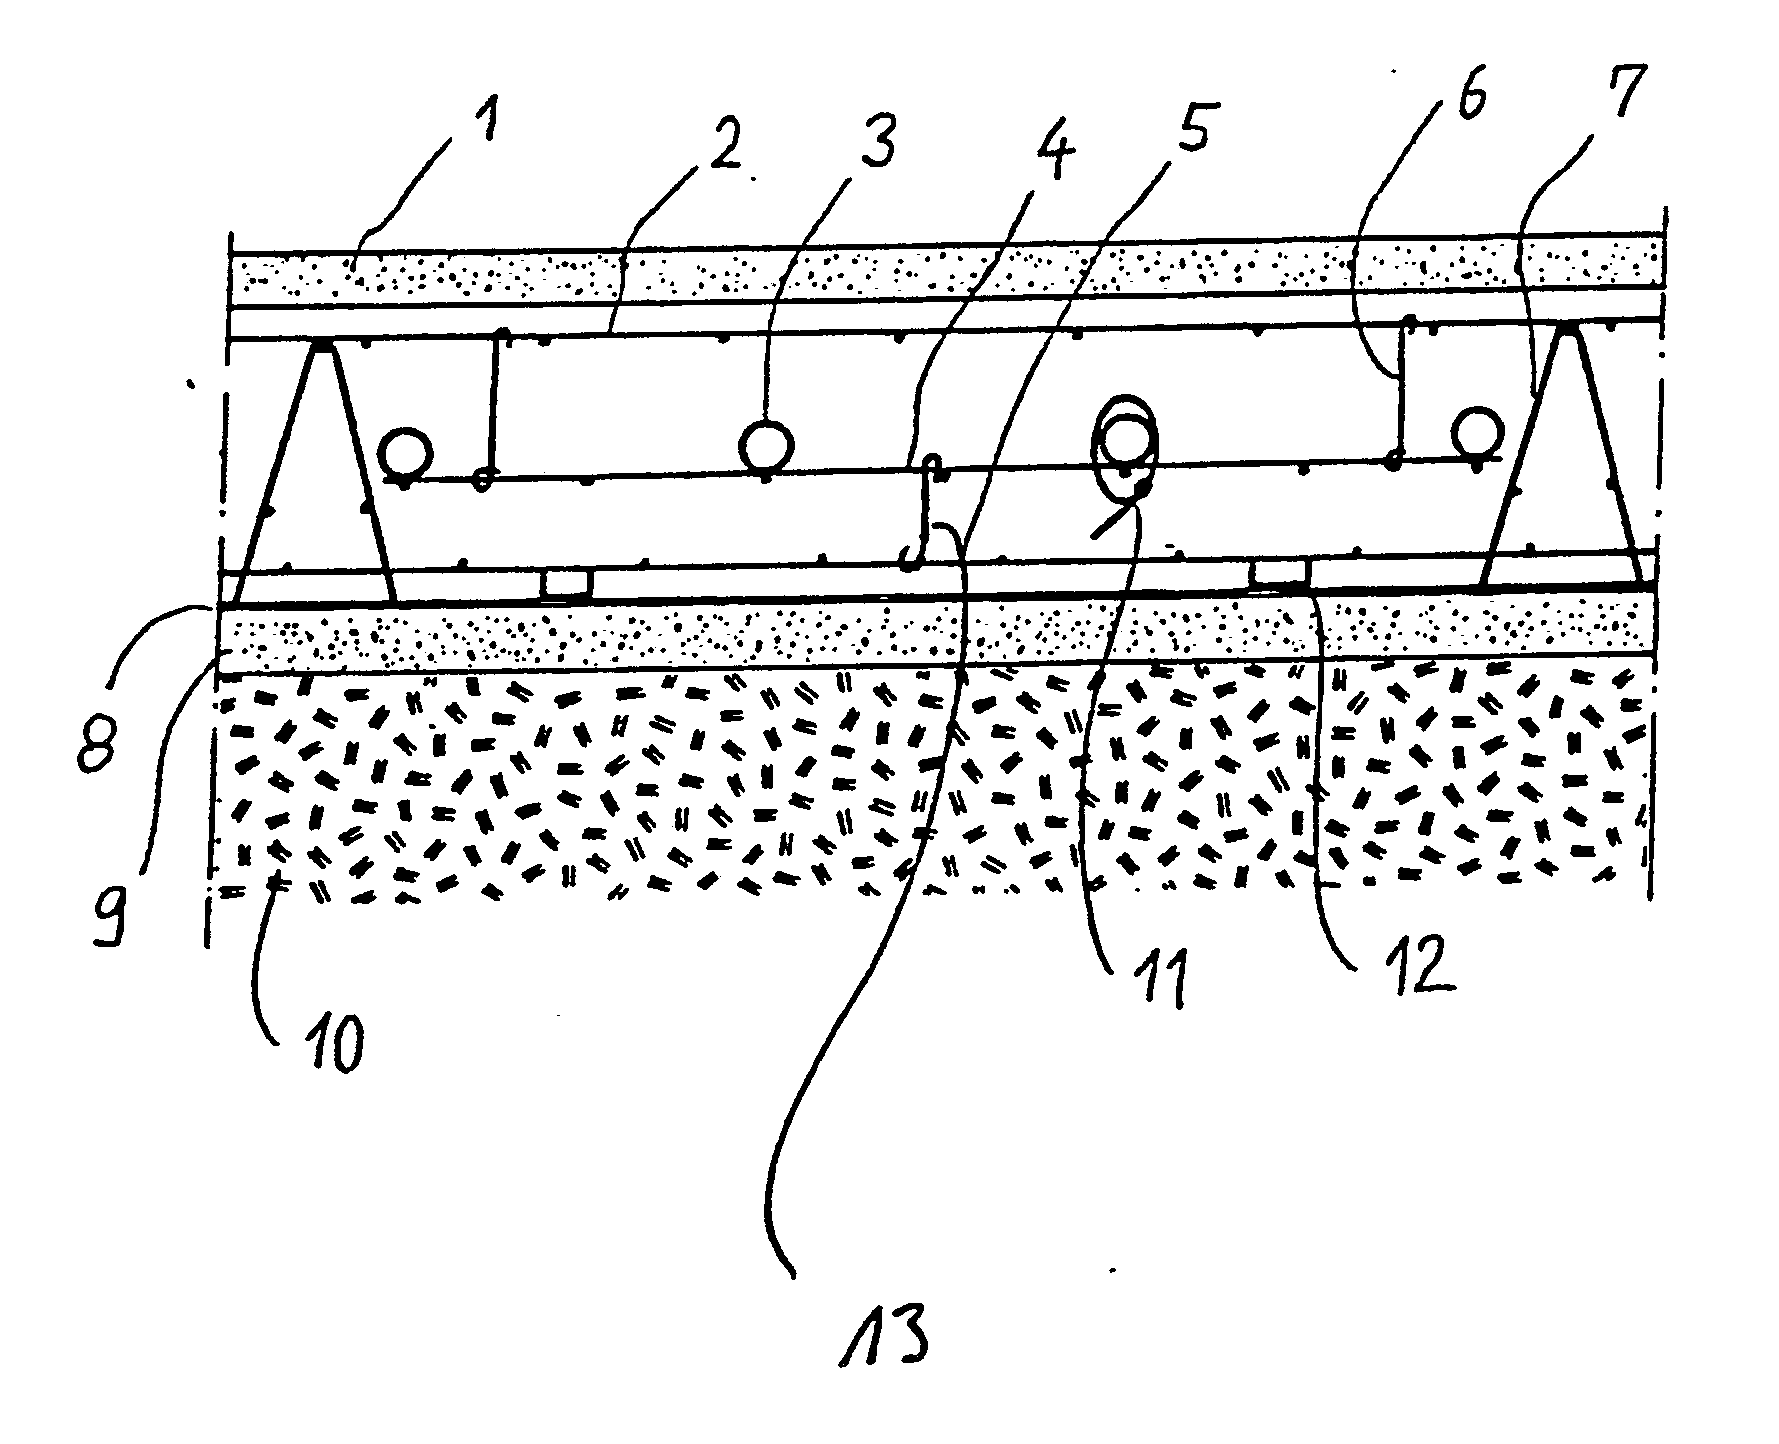 patent ep0385148a1 betonfussboden mit heizungsrohren und verfahren zum verlegen von. Black Bedroom Furniture Sets. Home Design Ideas